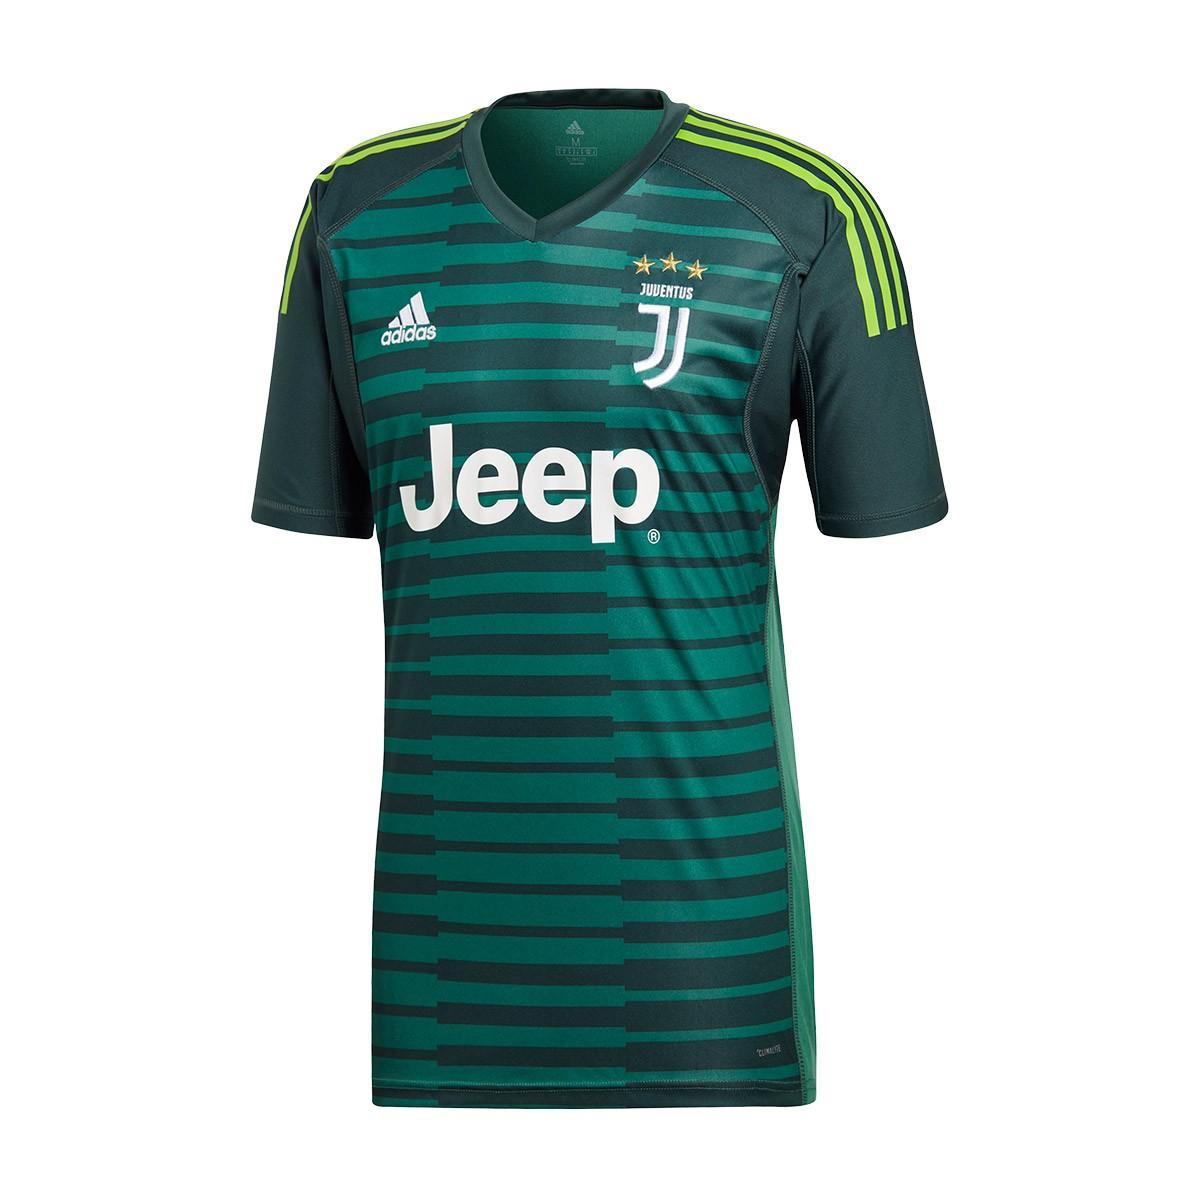 27fc3f21553 Jersey adidas Juventus 2018-2019 Goalkeeper Mineral green-Tech ...